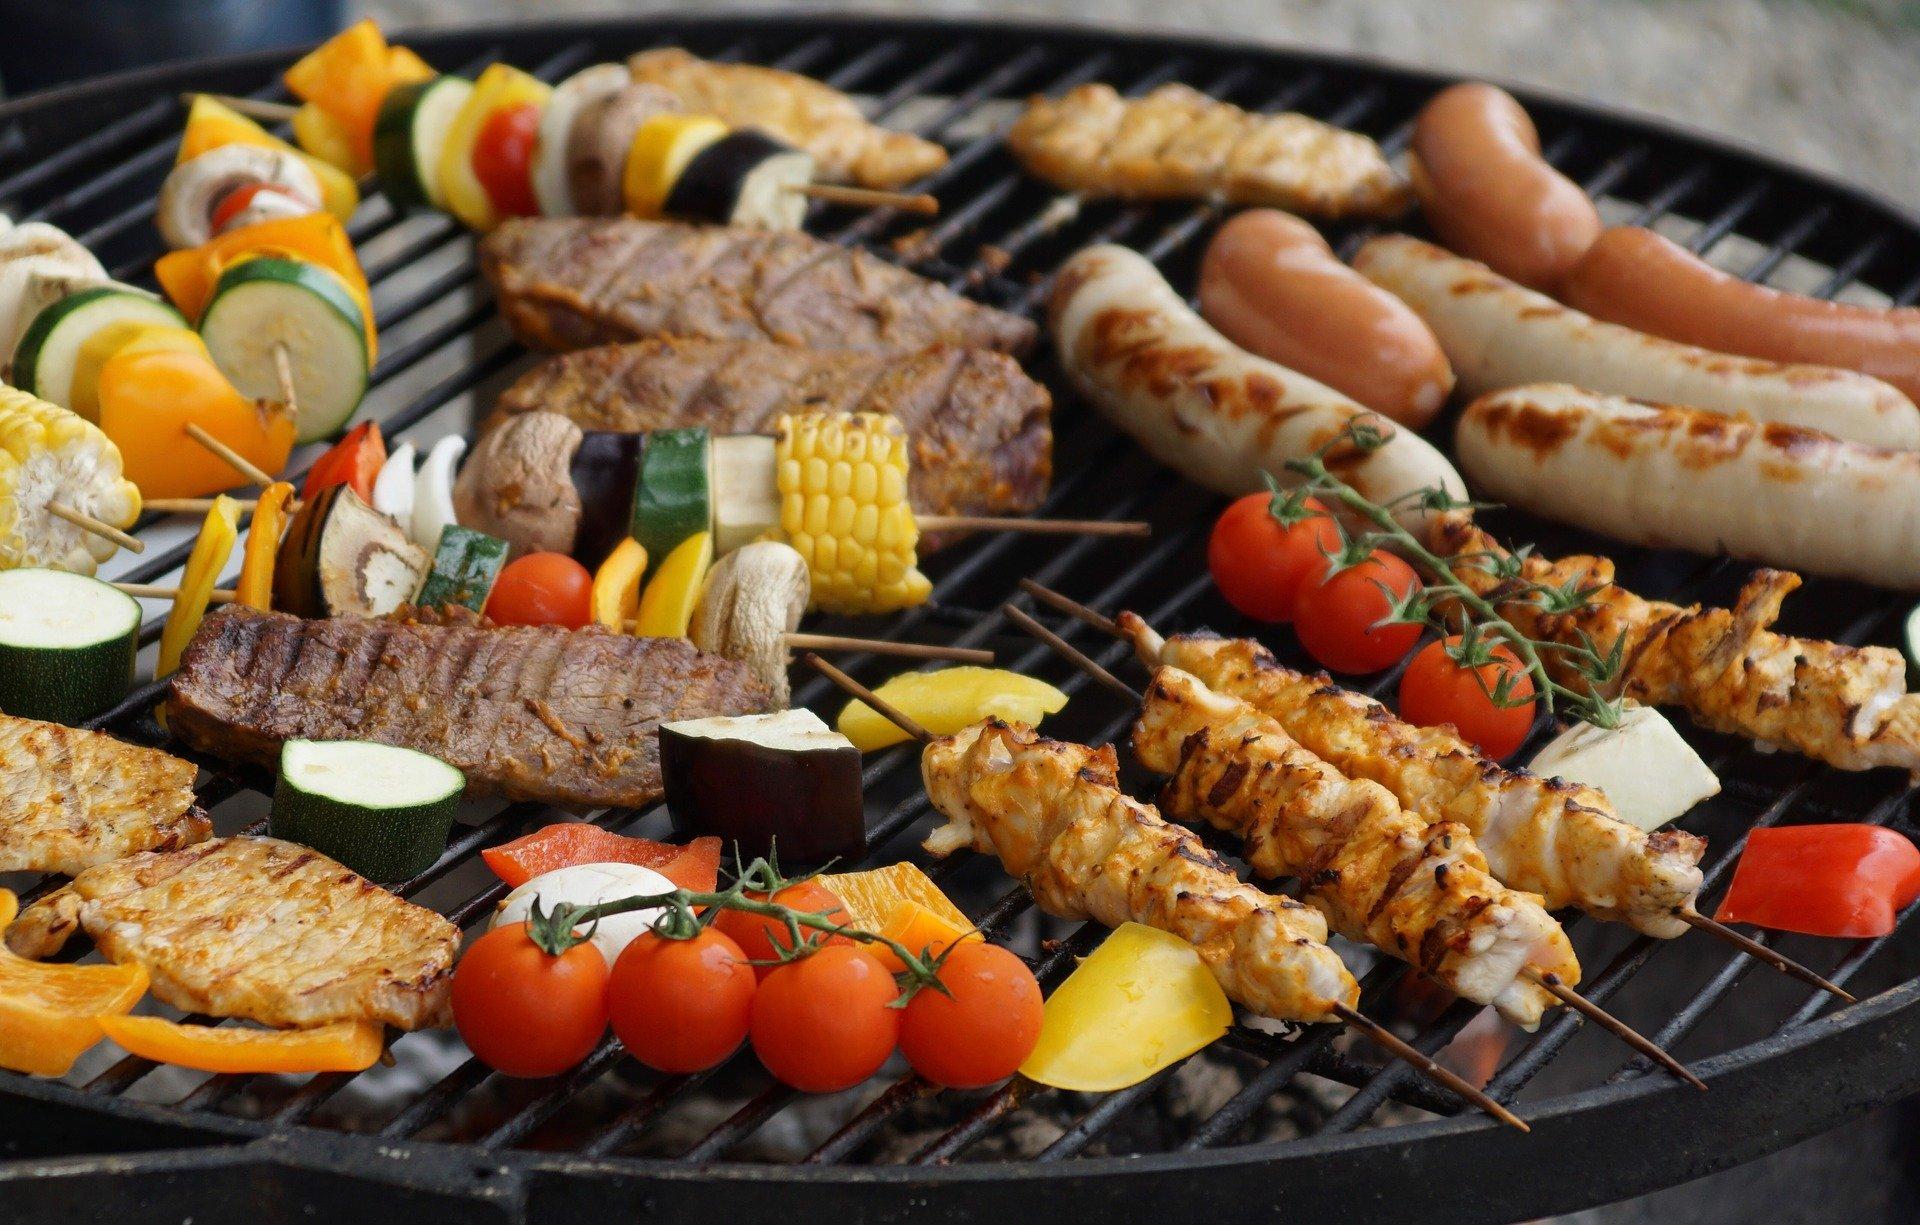 grillin puhdistus